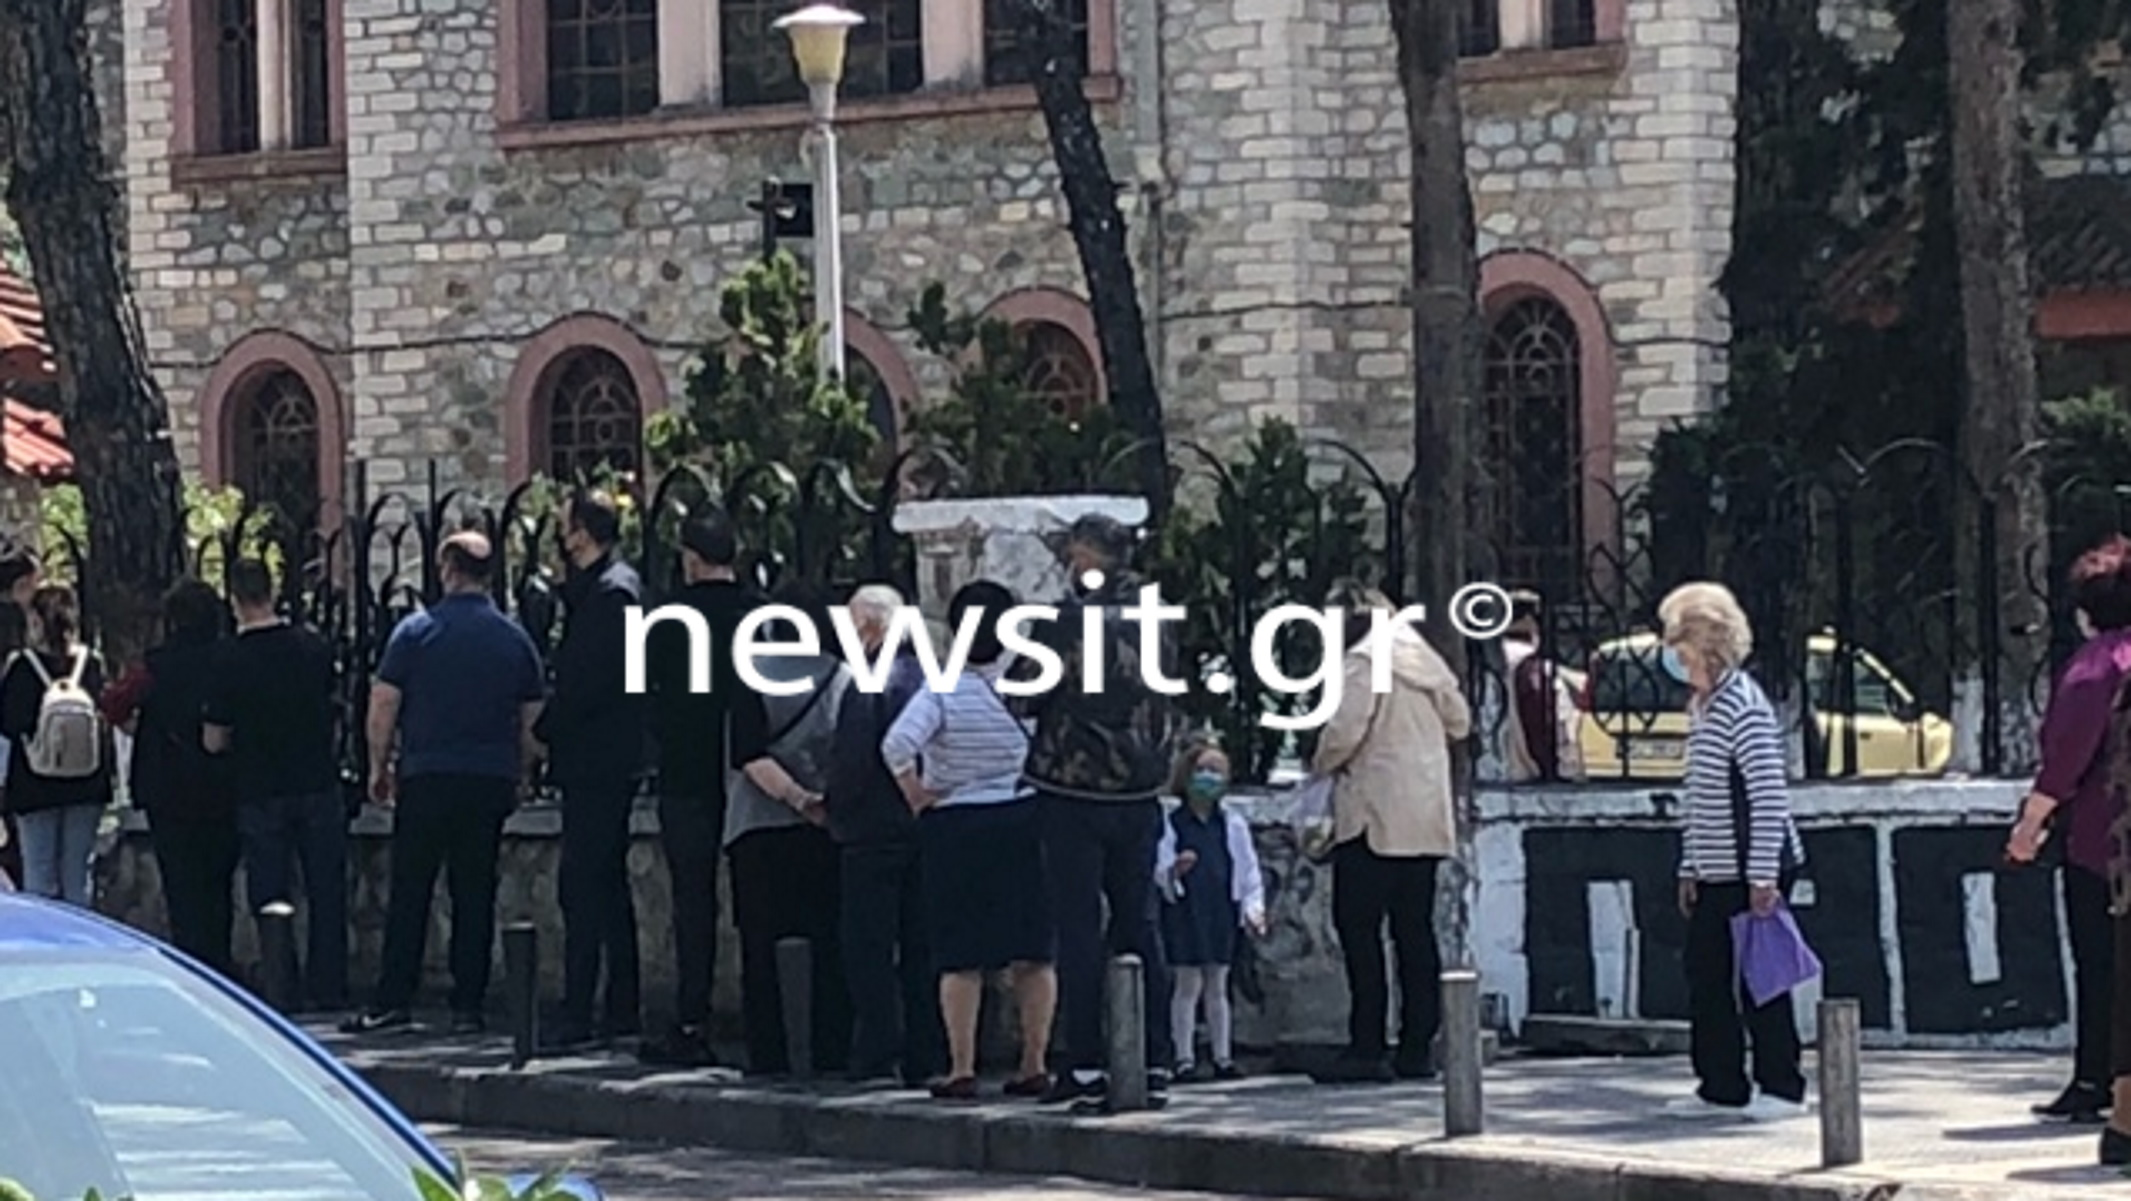 Μεγάλη Παρασκευή – Θεσσαλονίκη: «Ουρές» πιστών στις εκκλησίες για τους επιταφίους (pics)